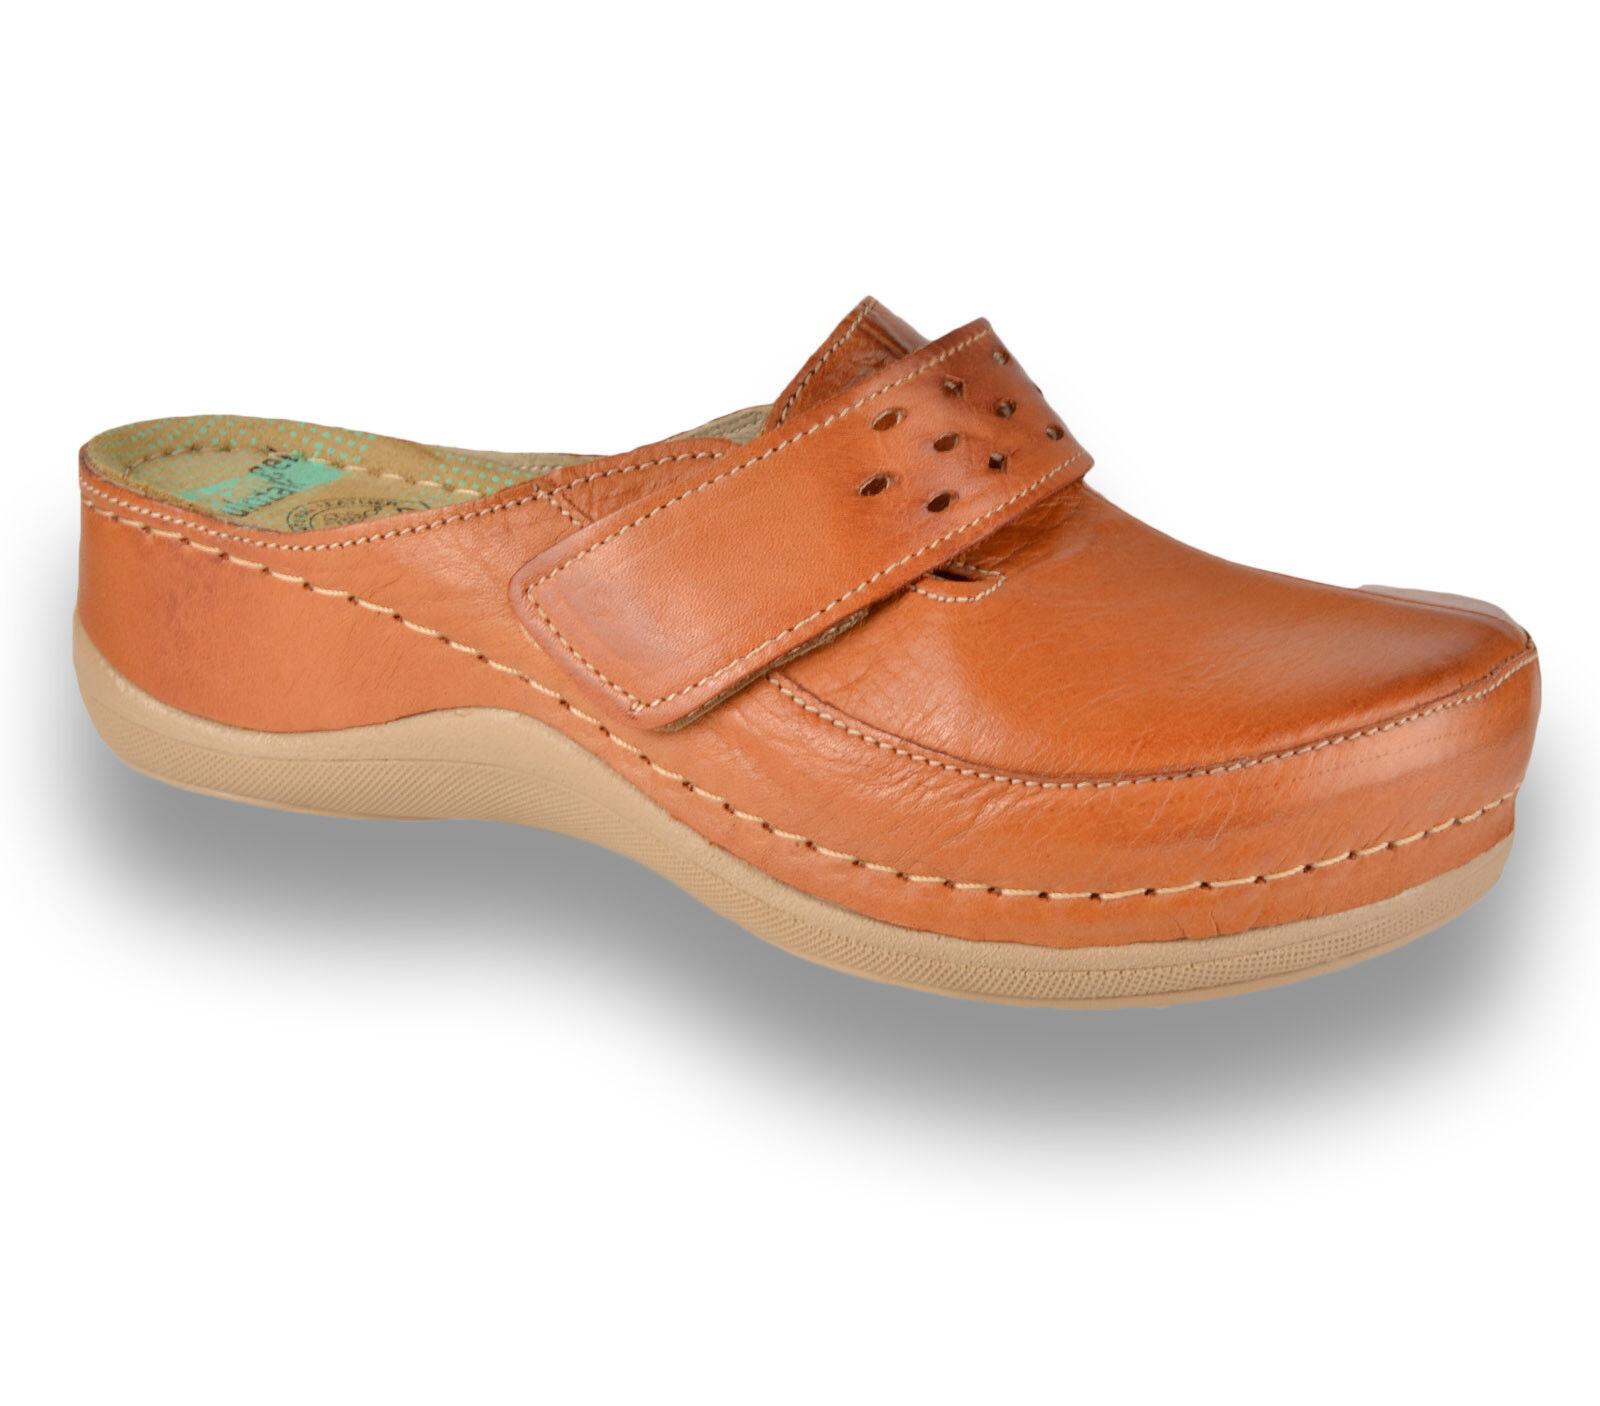 LEON 902 Donne Donna in Pelle Infilare Muli Zoccoli Pantofole Sandali, Marrone Nuovo Regno Unito